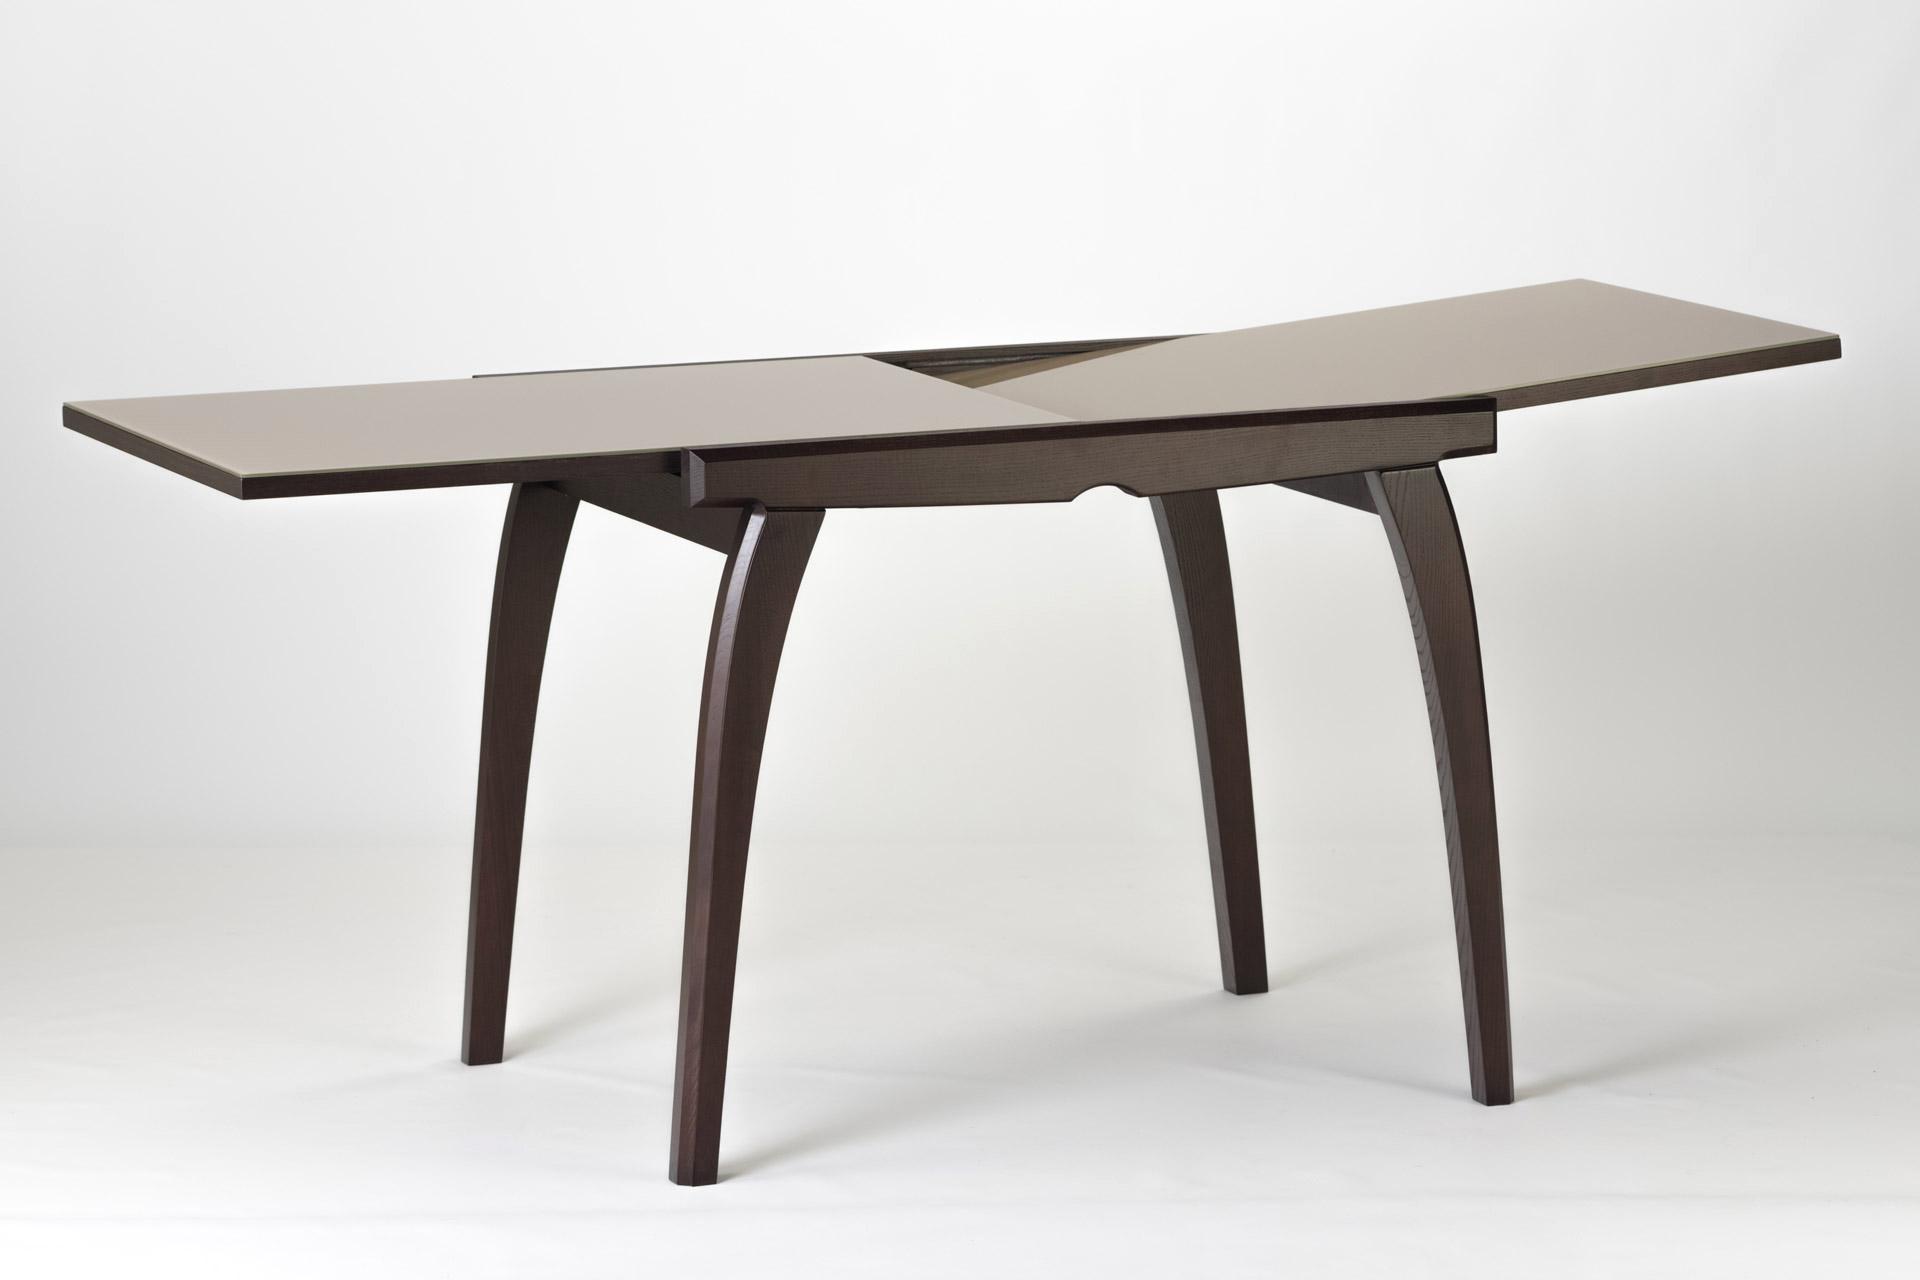 """Кухонный раскладной стол """"Фаворит - 02"""" с прямоугольной столешницей из стекла. Тонировка SE-7108 (механизм раскладки слайдер)"""